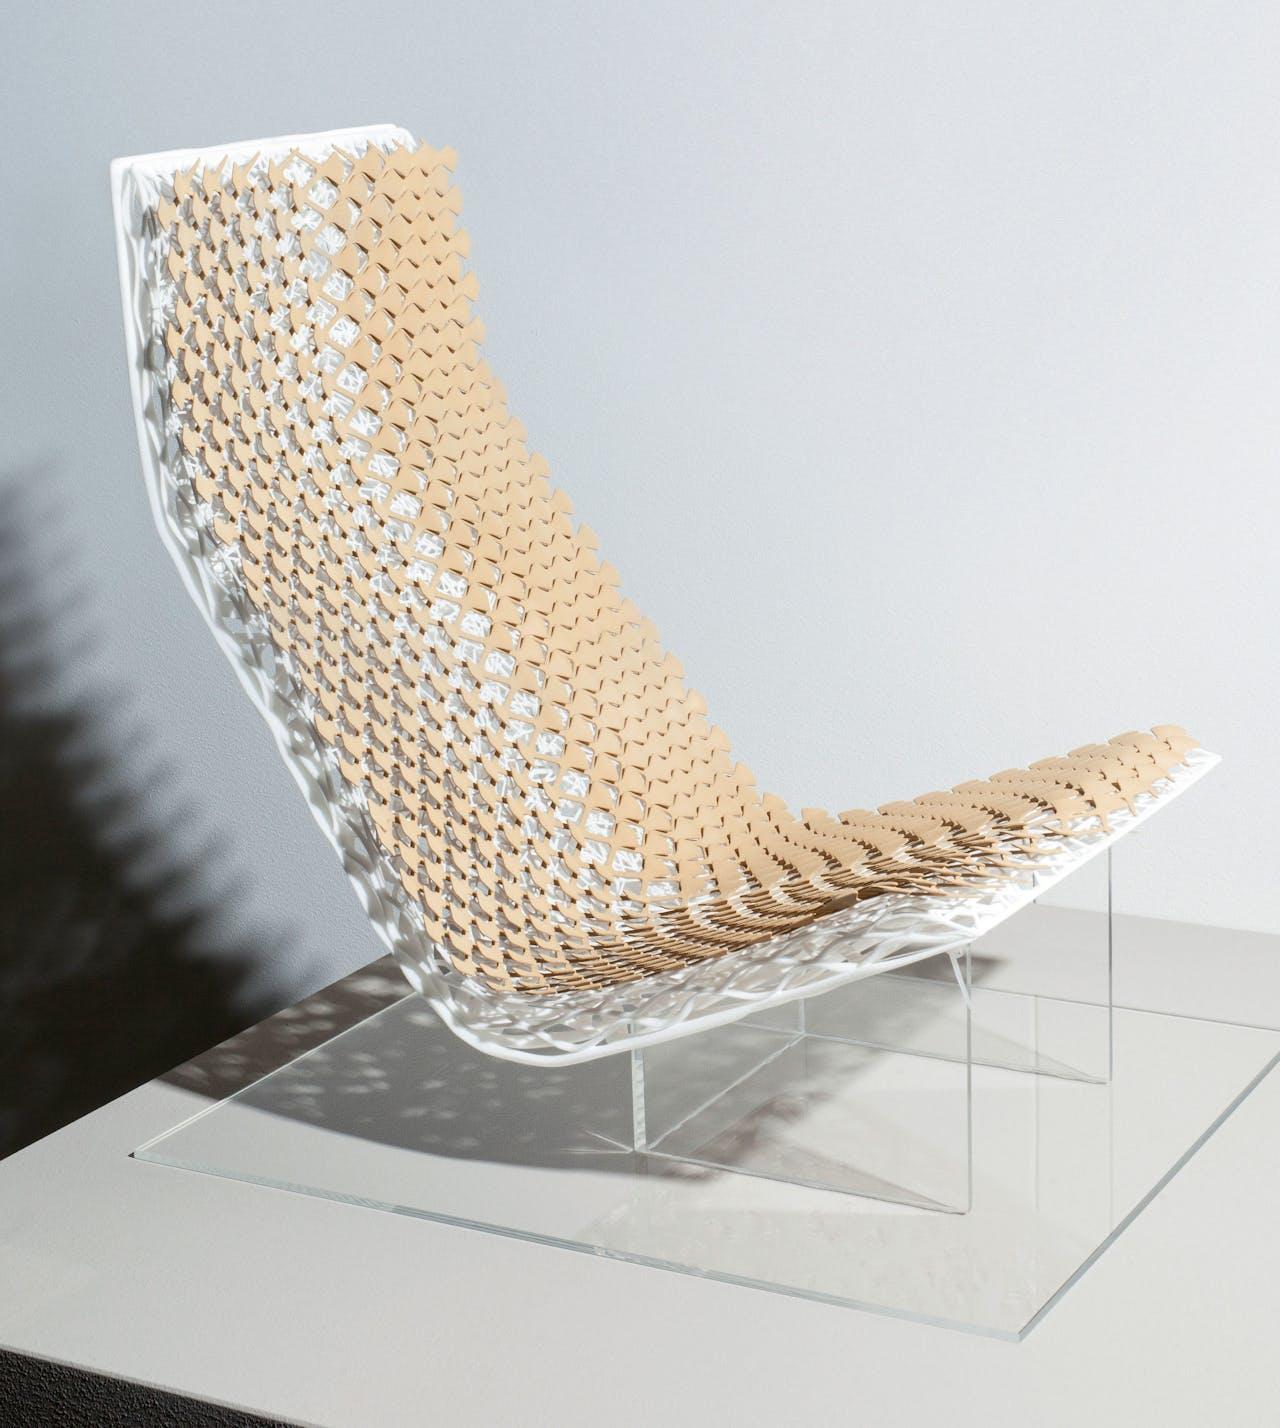 De stoel die Van Daal ontwierp voor Volvo.